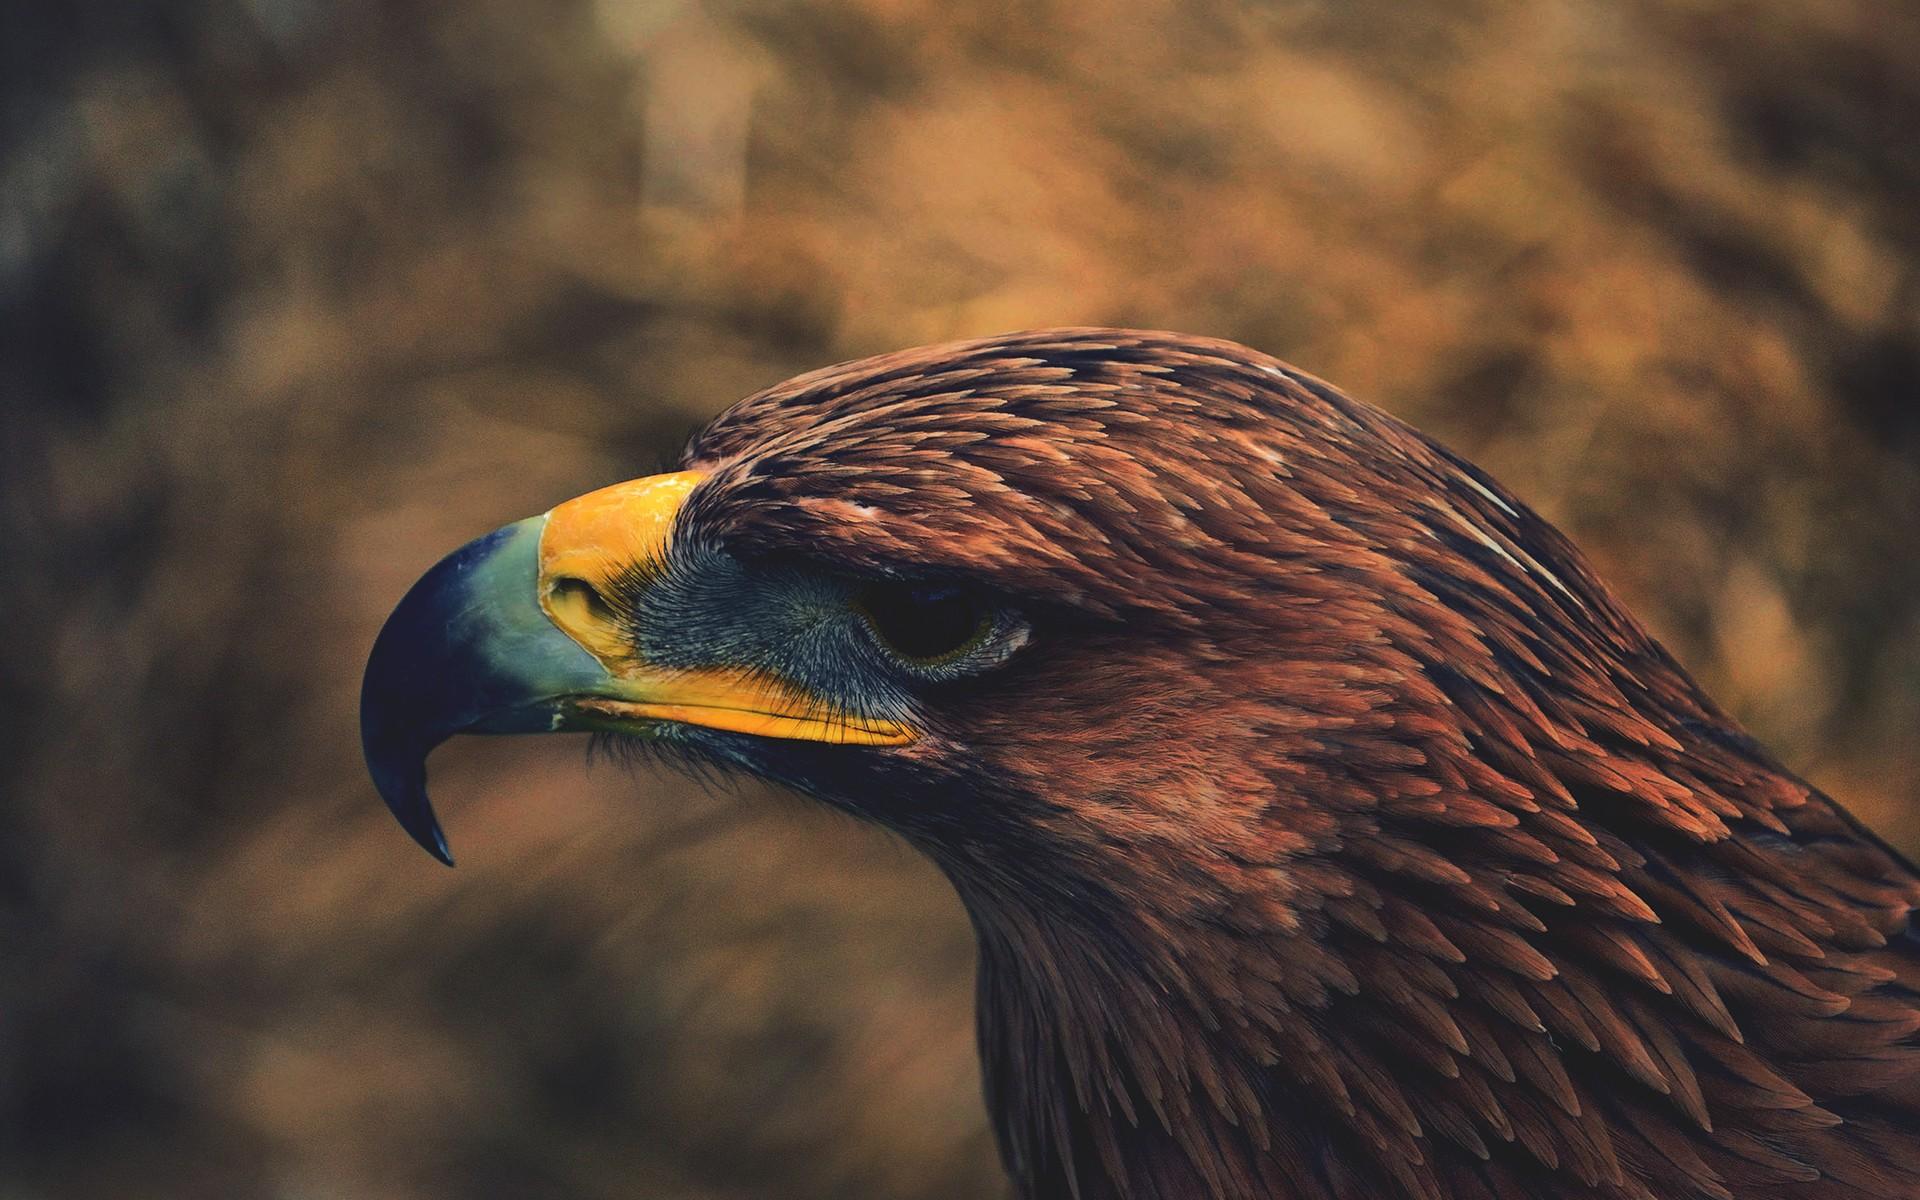 デスクトップ壁紙 : 鳥, 自然, 褐色, 野生動物, 鷹, 猛禽, 鷲, 白頭ワシ